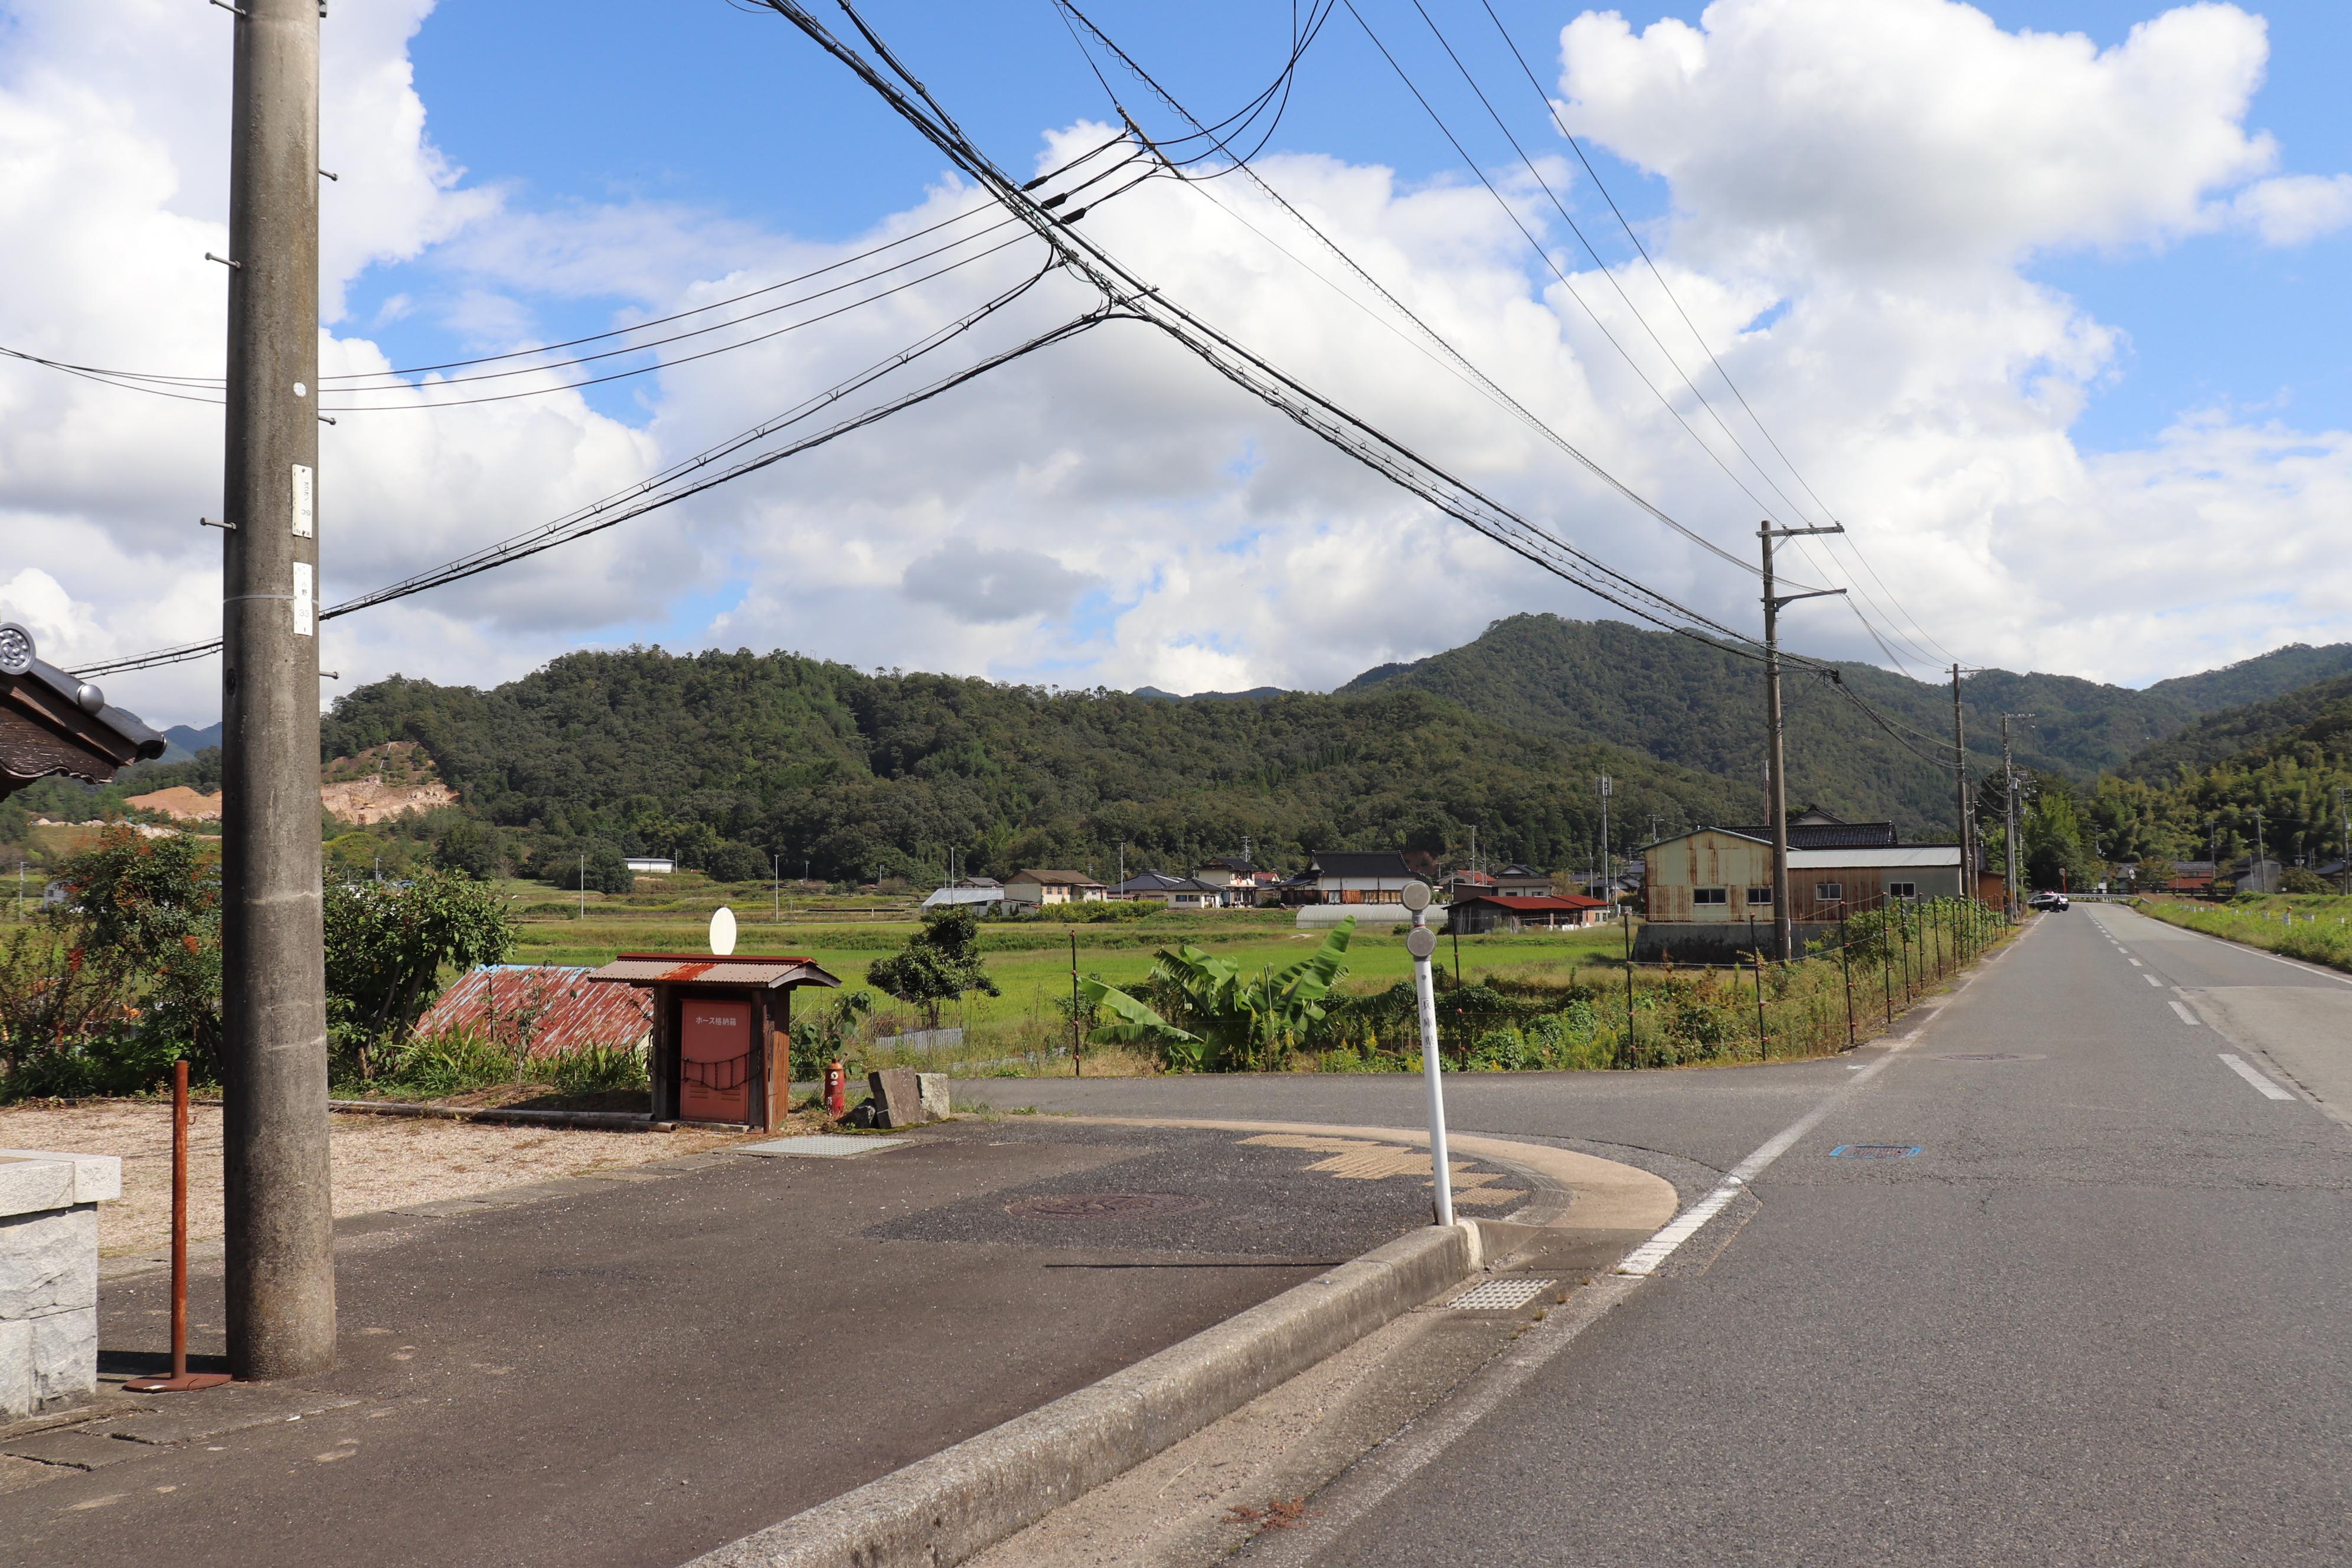 hiboko農園 アクセス